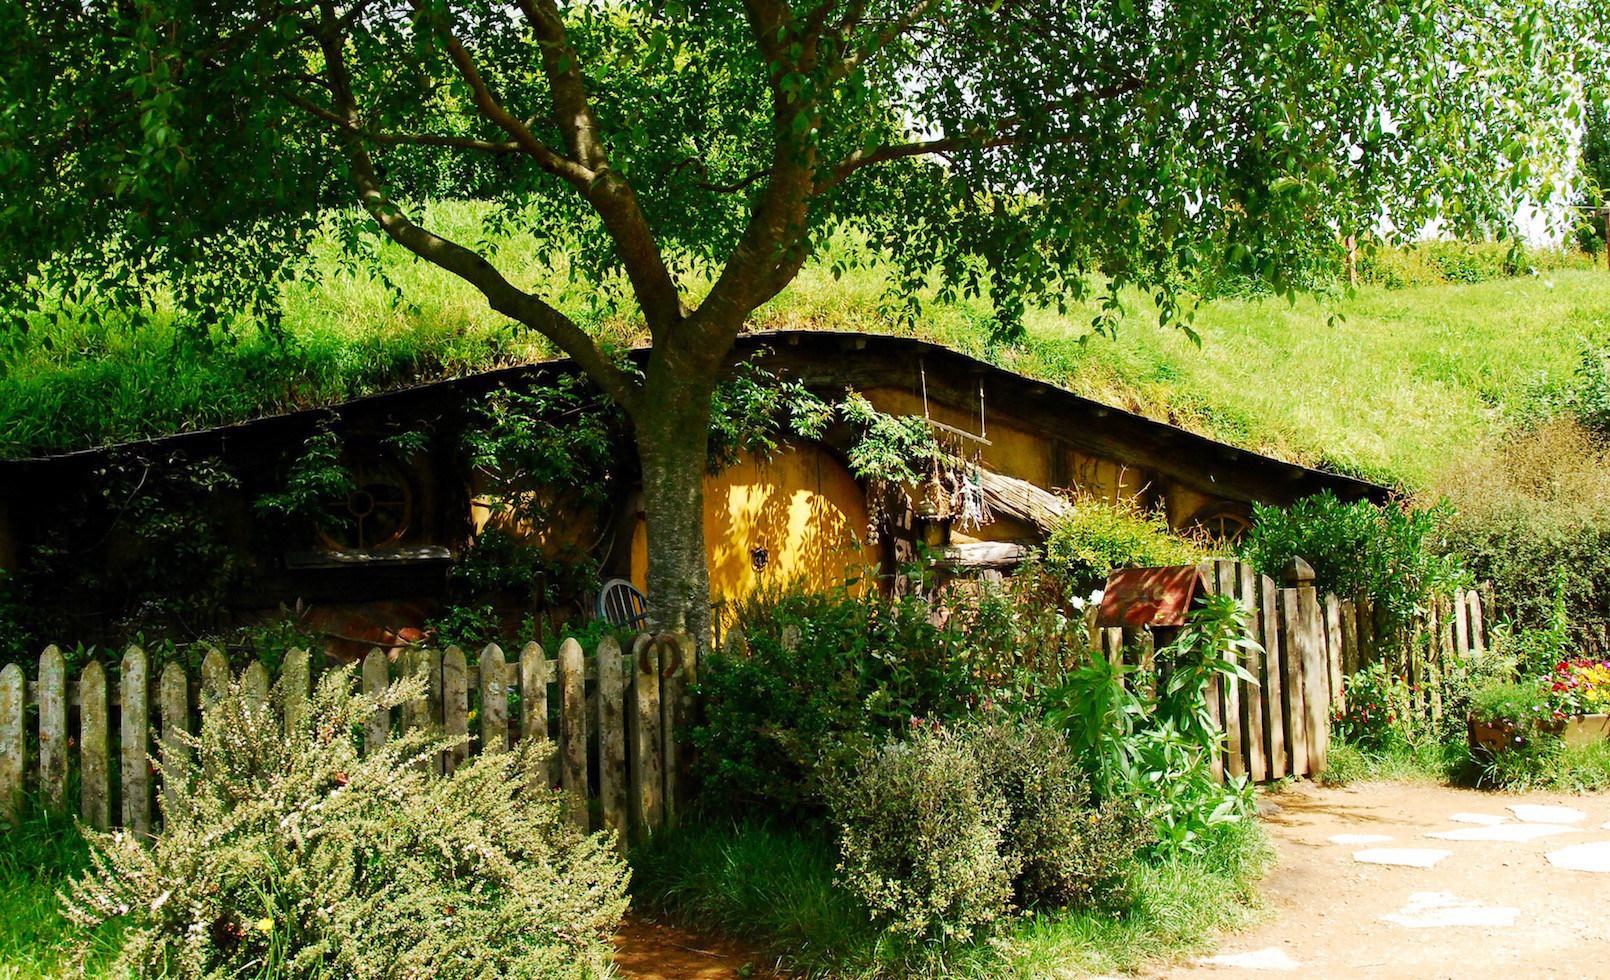 Hobbiton The Shire Movie Set